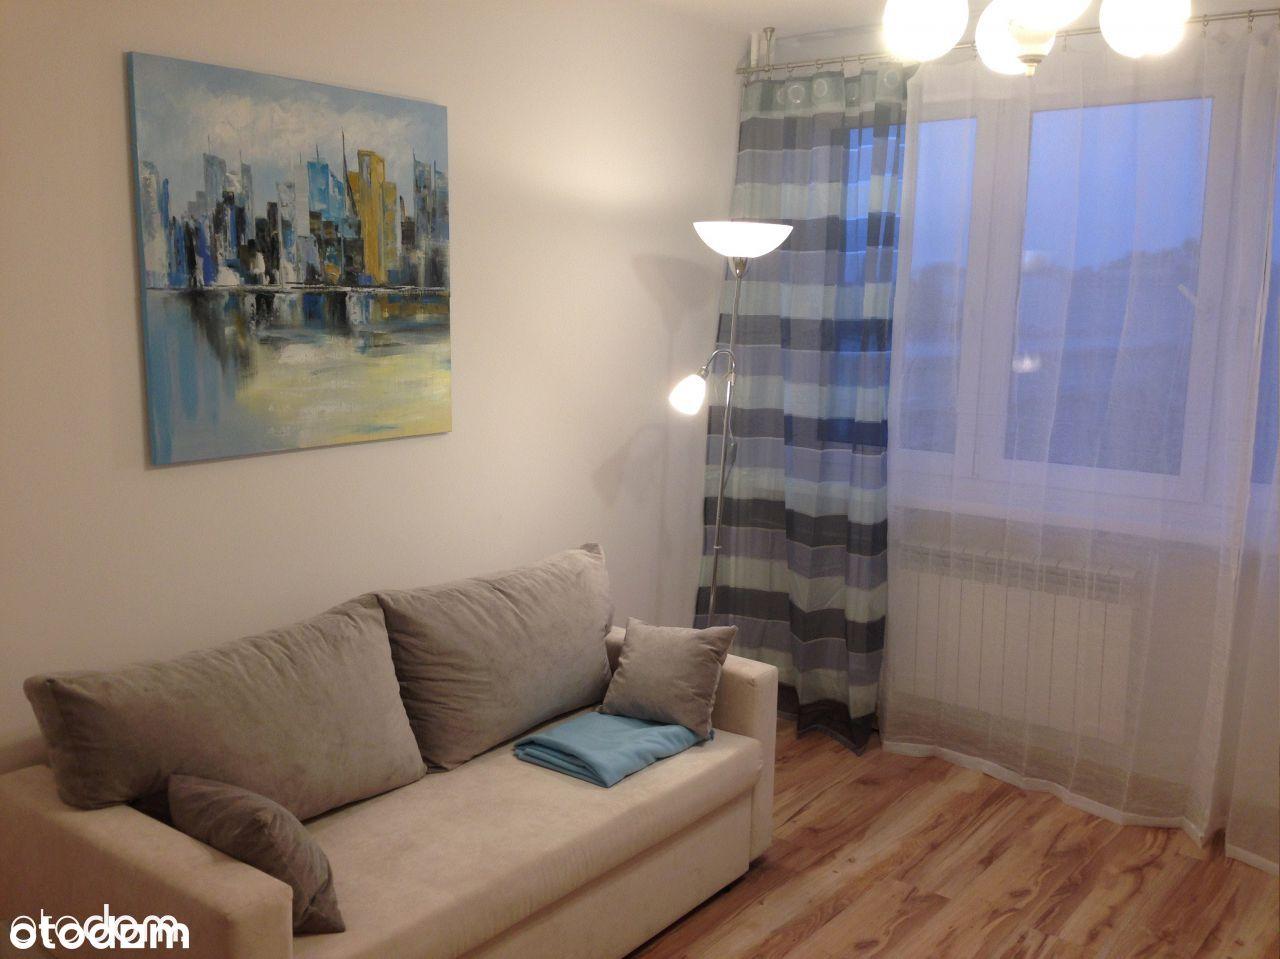 Pokój w mieszkaniu dwupoziomowym po remoncie